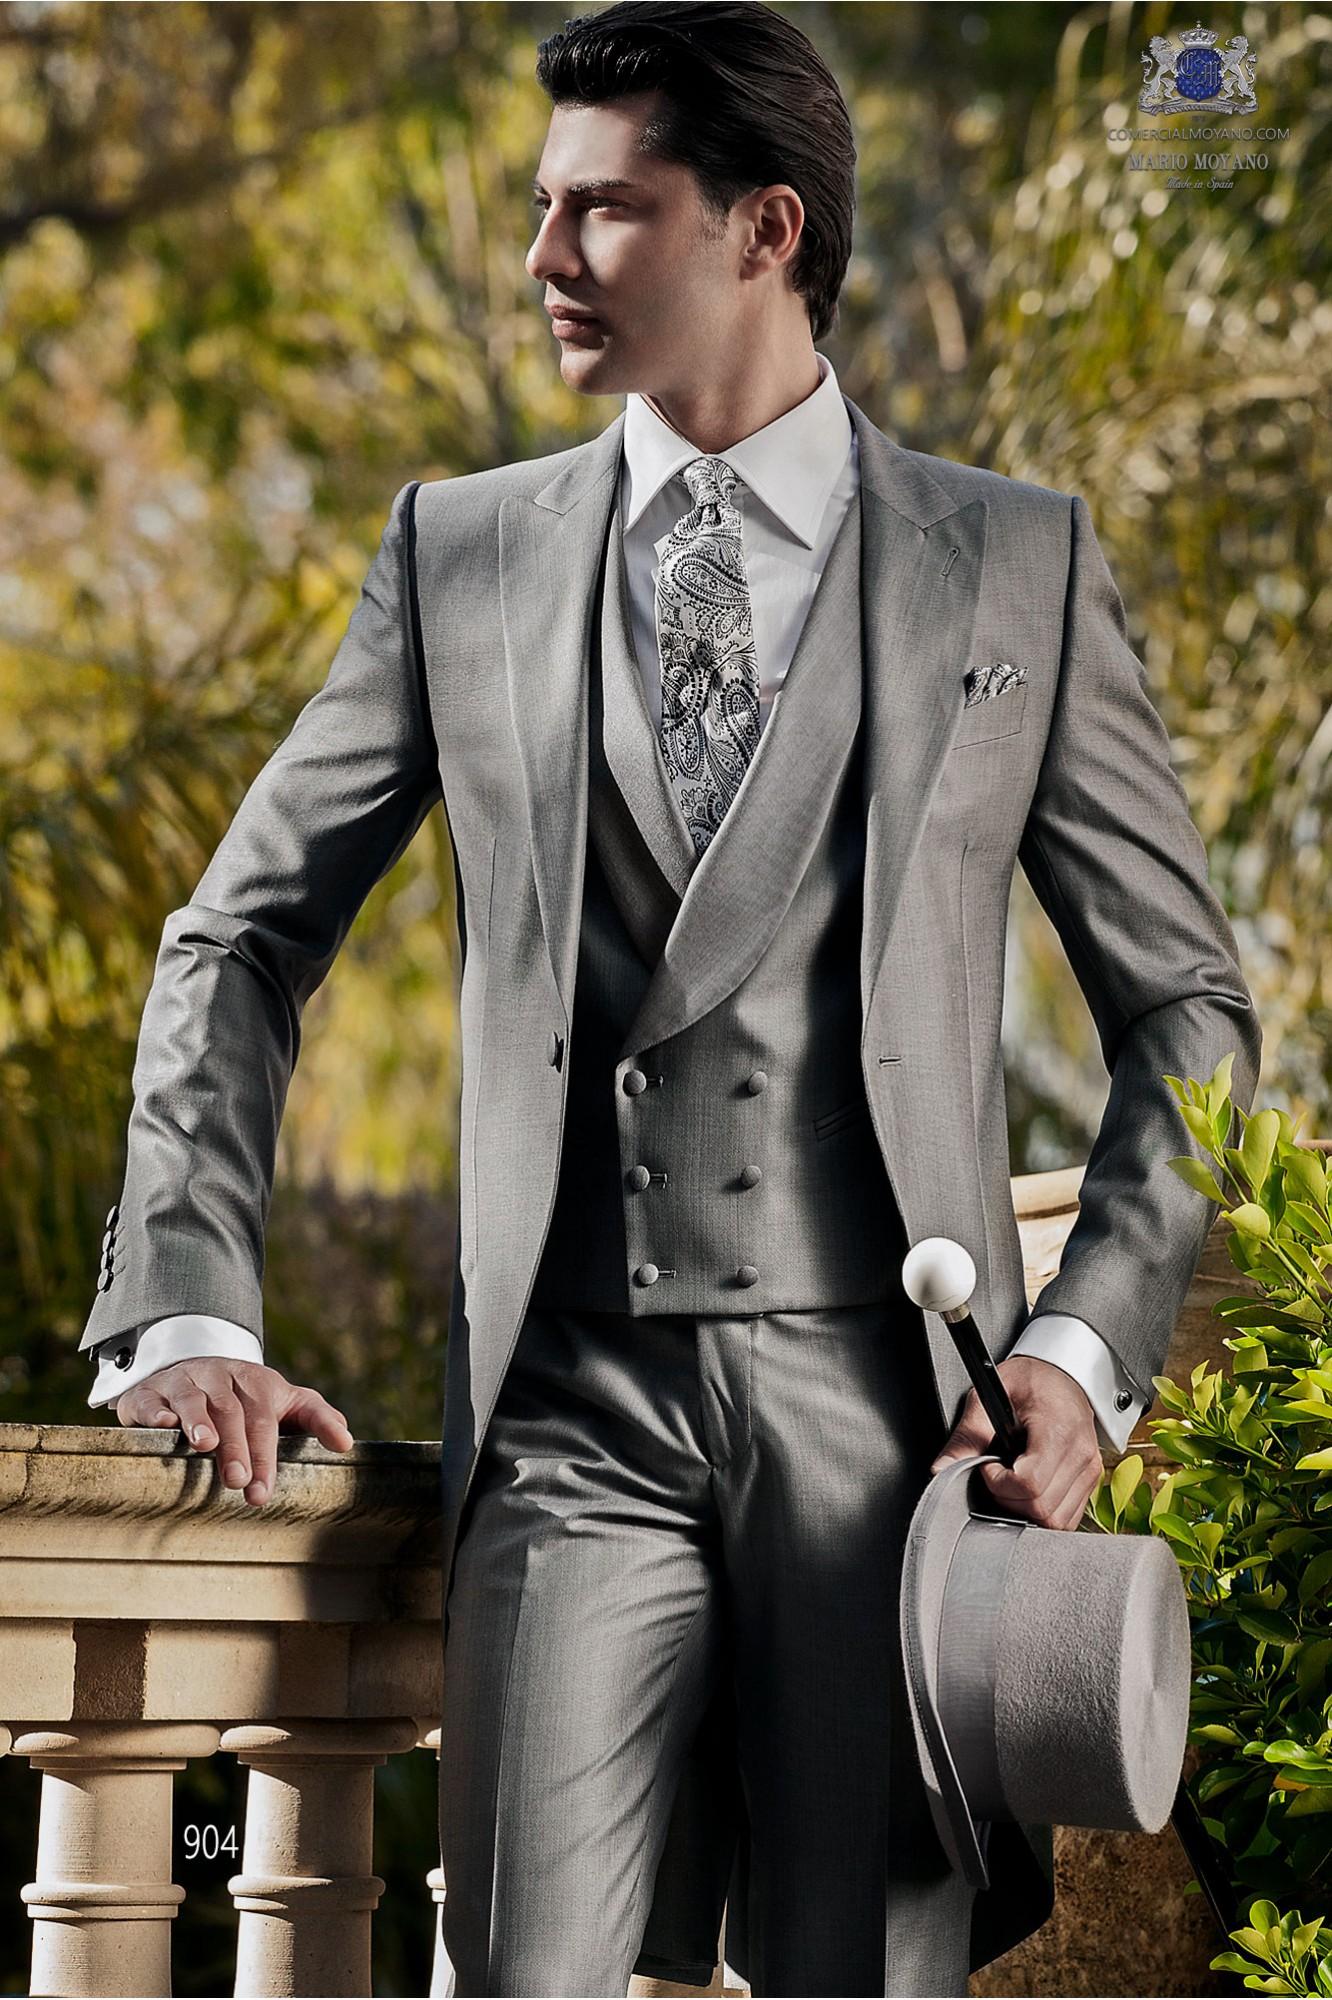 Traje de novio italiano gris modelo: 904 Ottavio Nuccio Gala colección Gentleman 2017